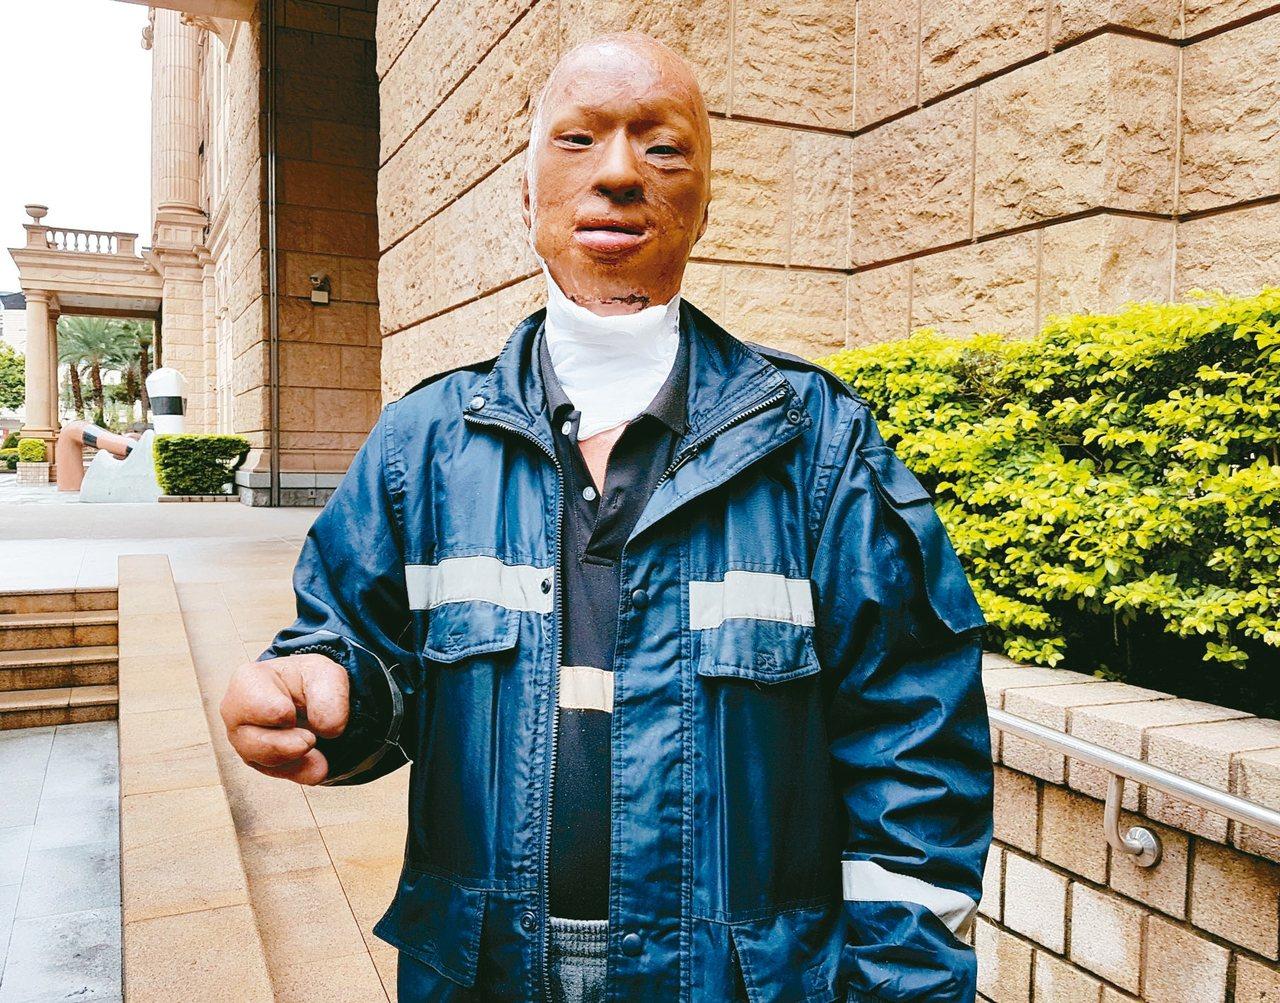 跌入油槽而昏迷的林姓男子,因消防員切割油槽引發柴油閃燃而嚴重灼傷,他請求國家賠償...